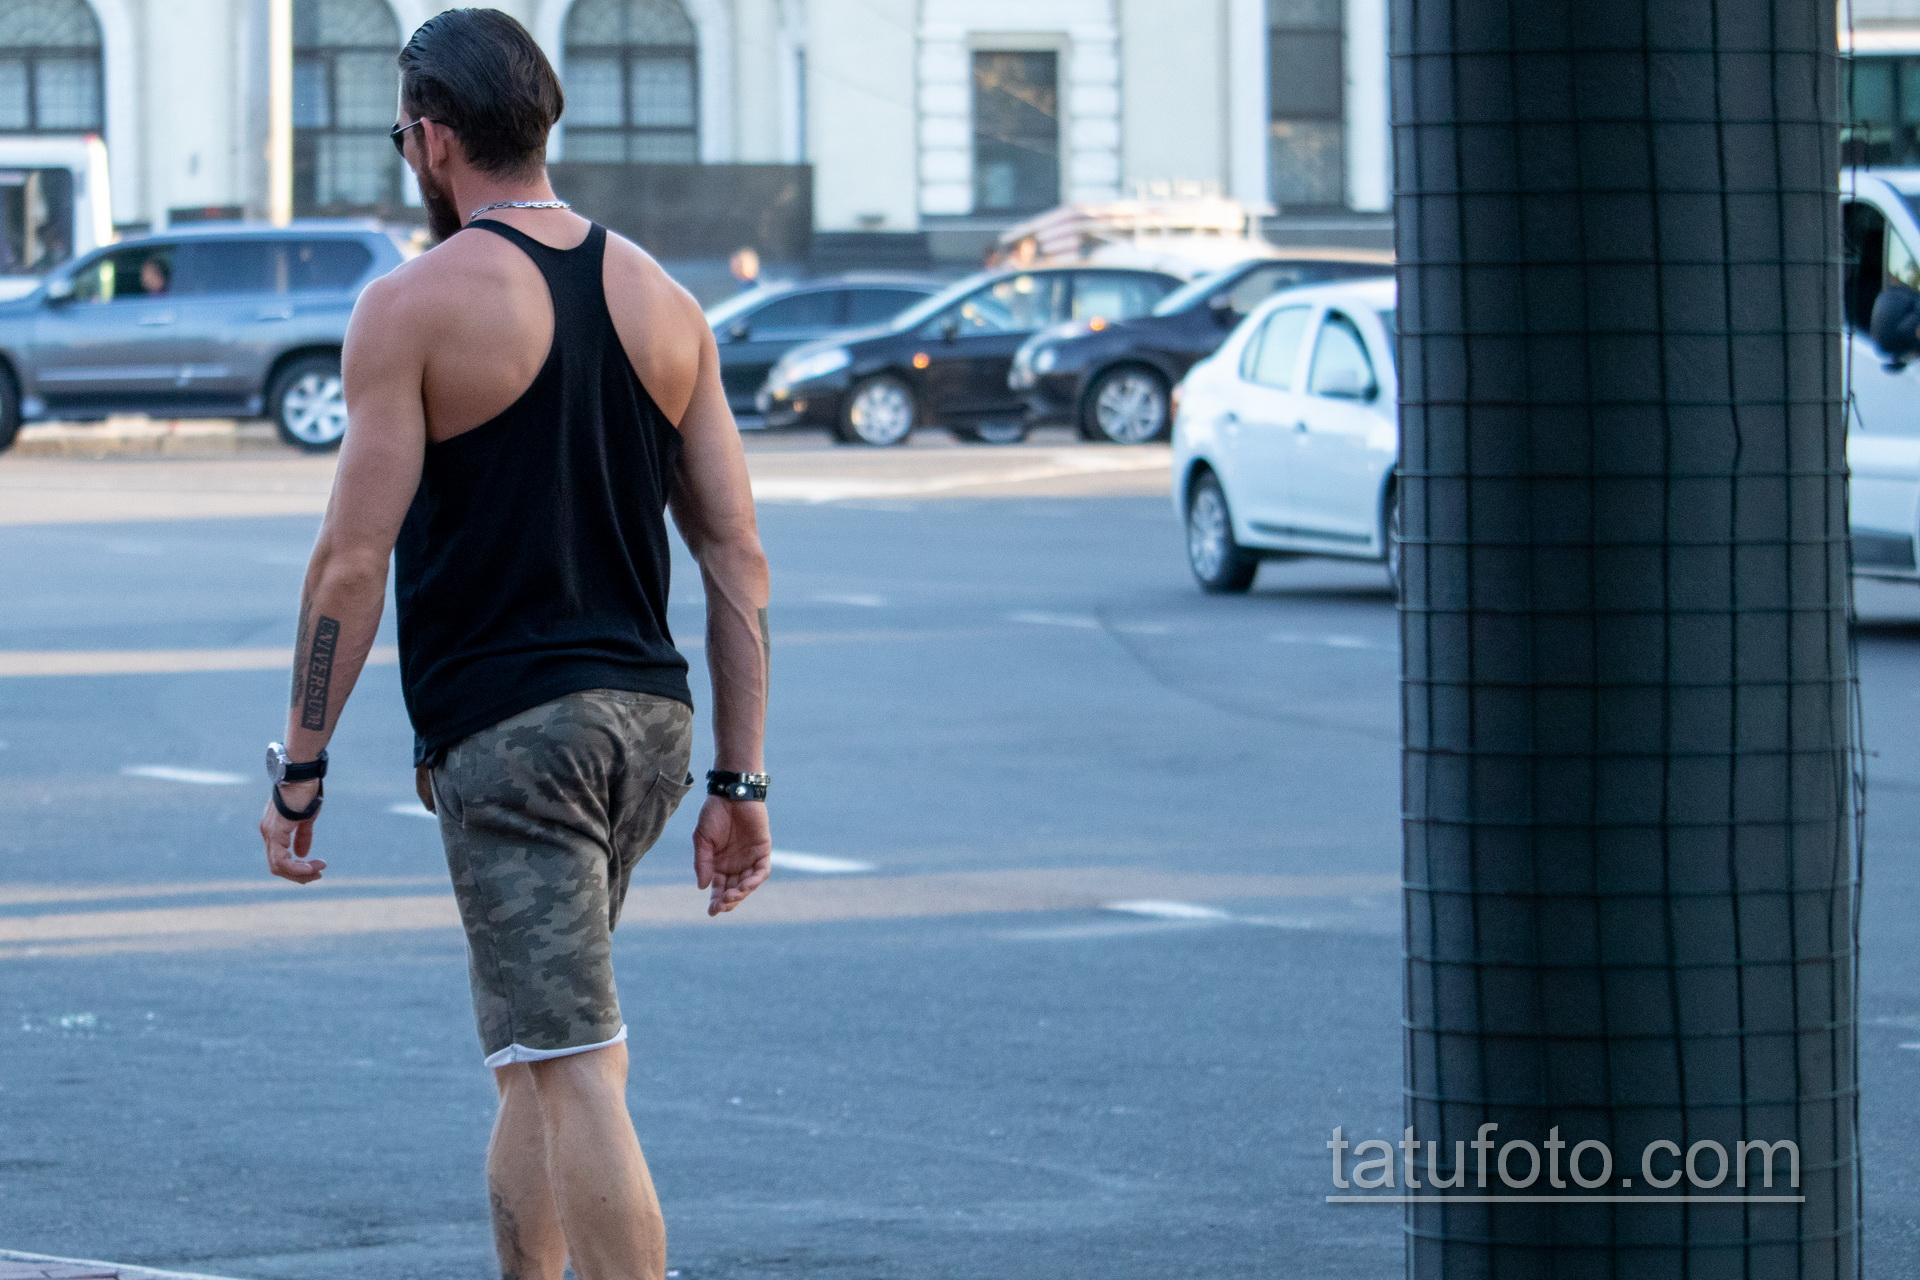 Тату надпись UNIVERSUM на руке мужчины - Уличная татуировка 14.09.2020 – tatufoto.com 3